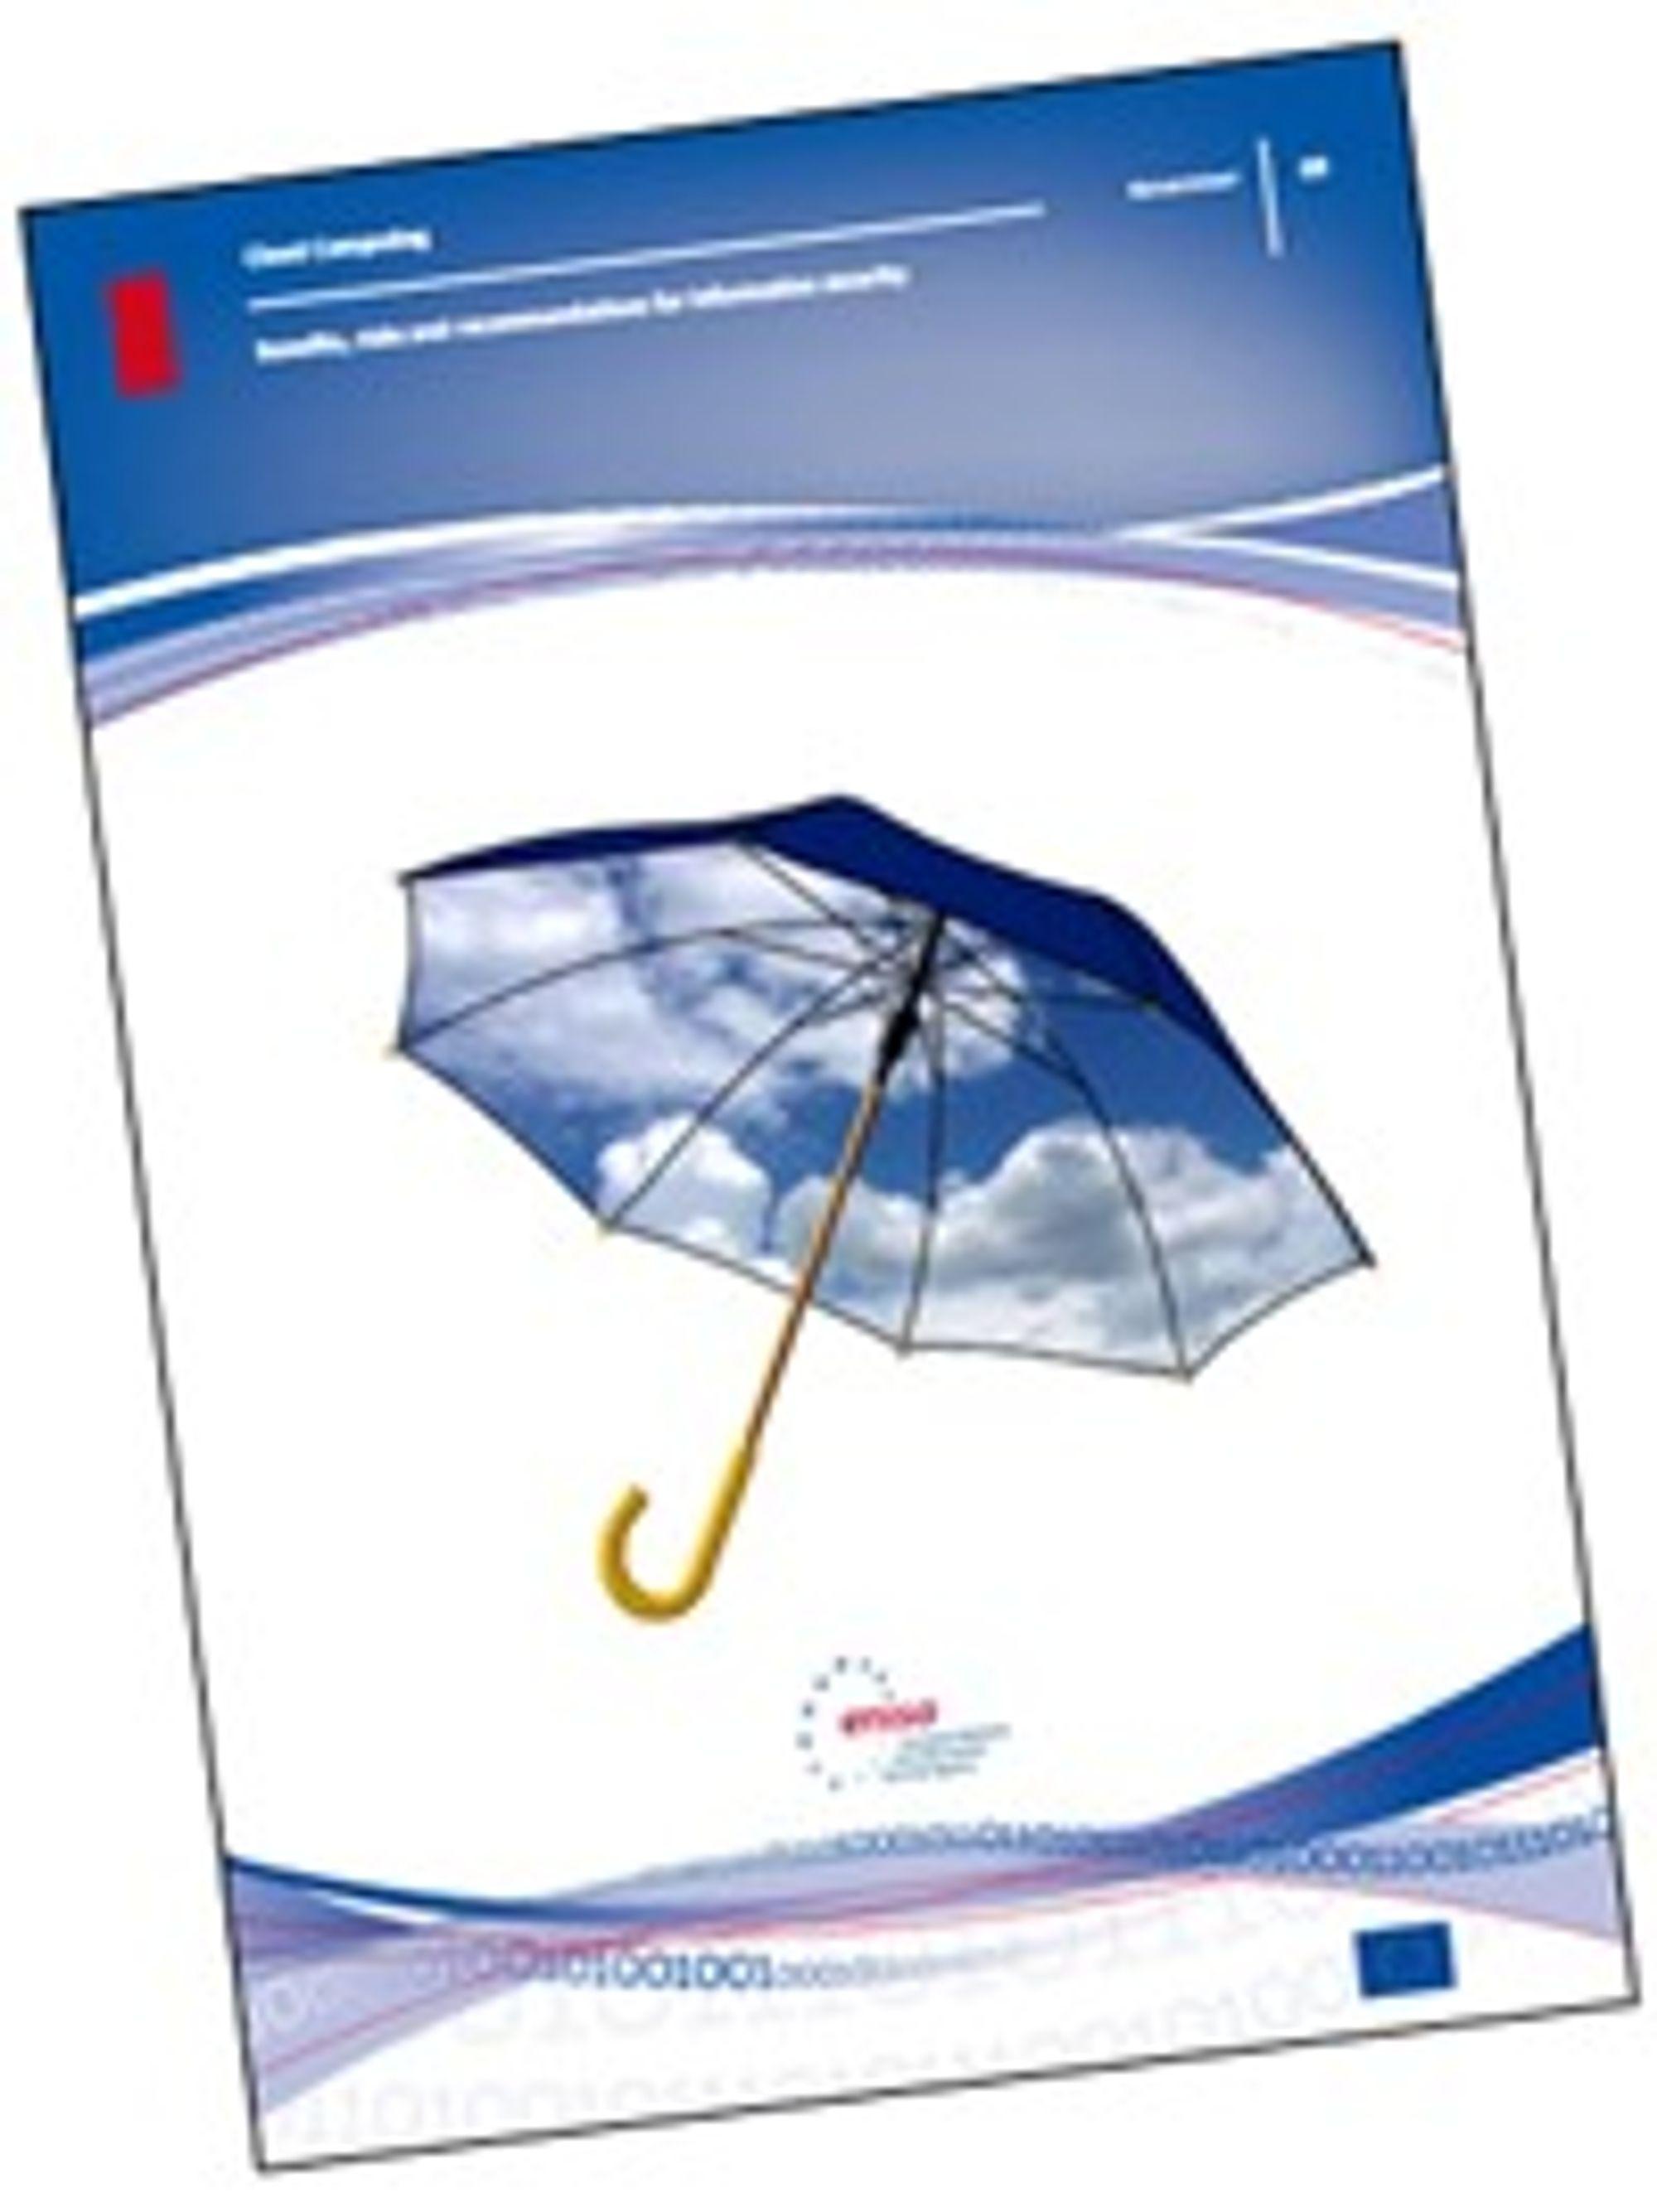 Enisa-rapporten om sikkerhet i nettskyen kan lastes ned fra EU-byråets nettsted.